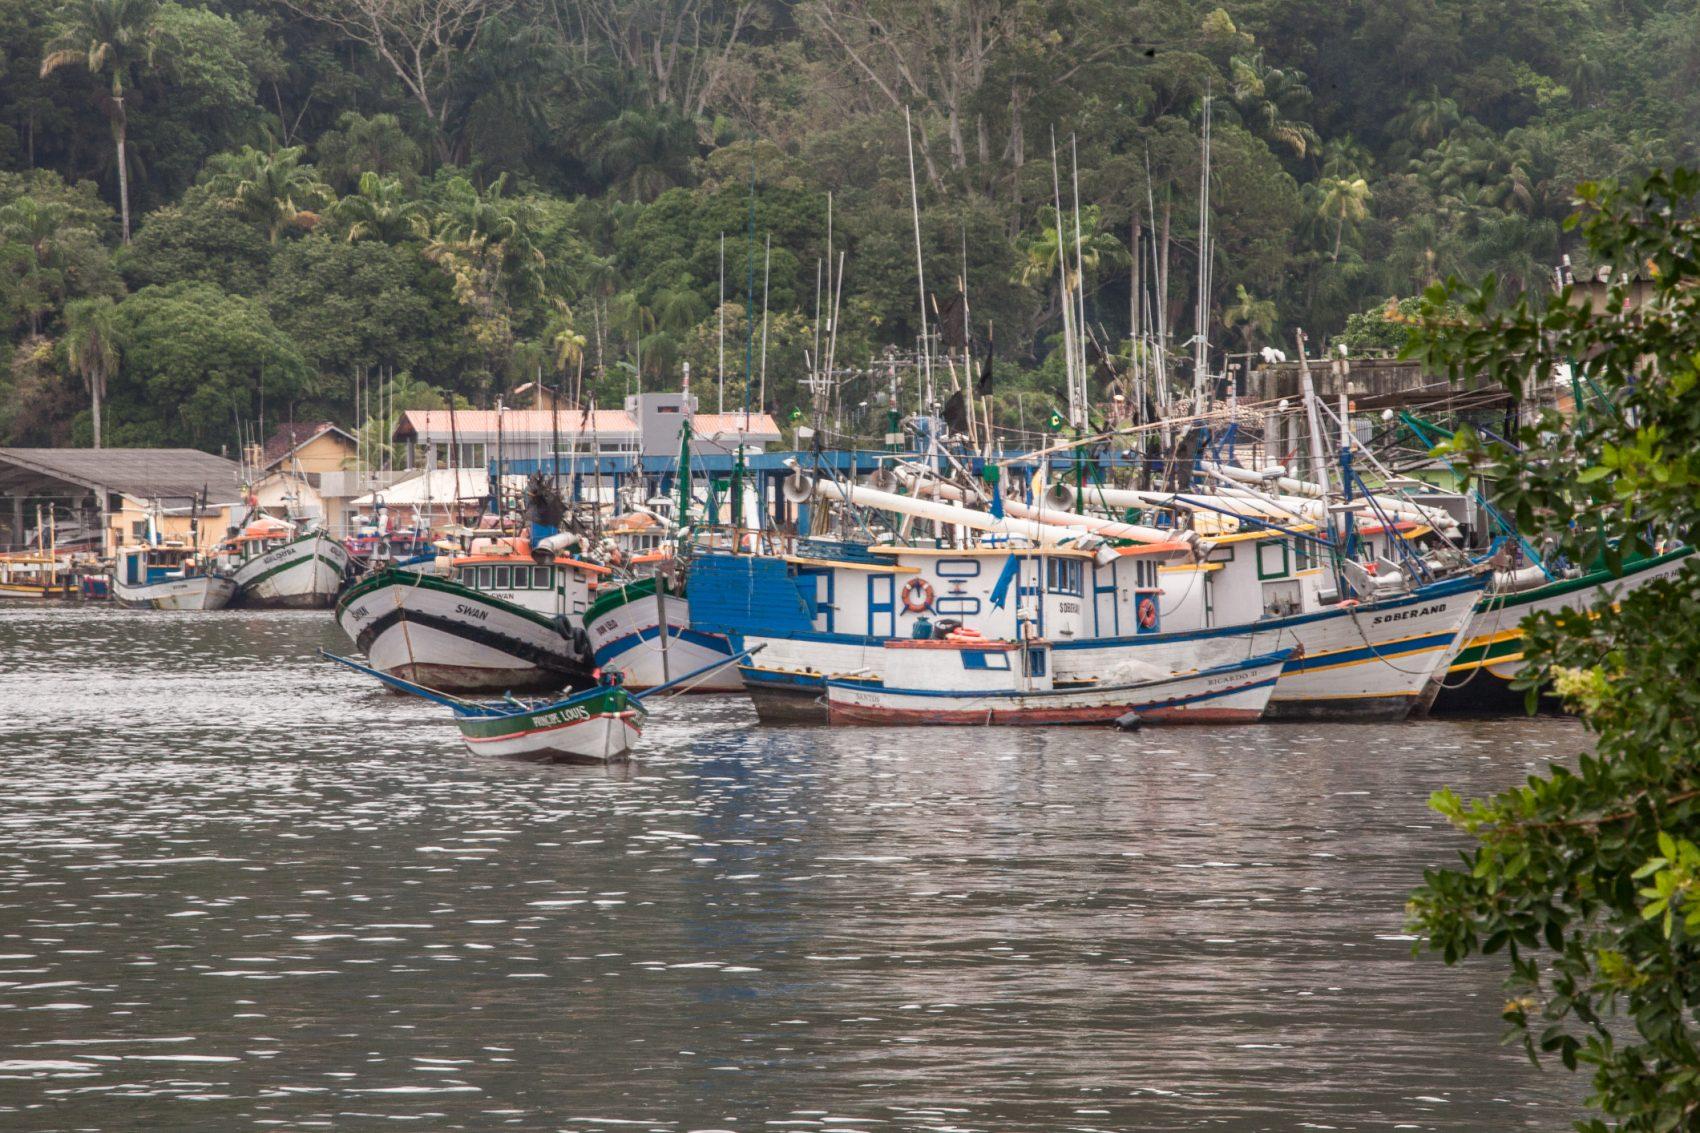 Barcos de pescadores em Cananeia: pesca artesanal é a base da economia da cidade de 12 mil habitantes no extremo sul do litoral paulista (Foto: Caio Ferrari)